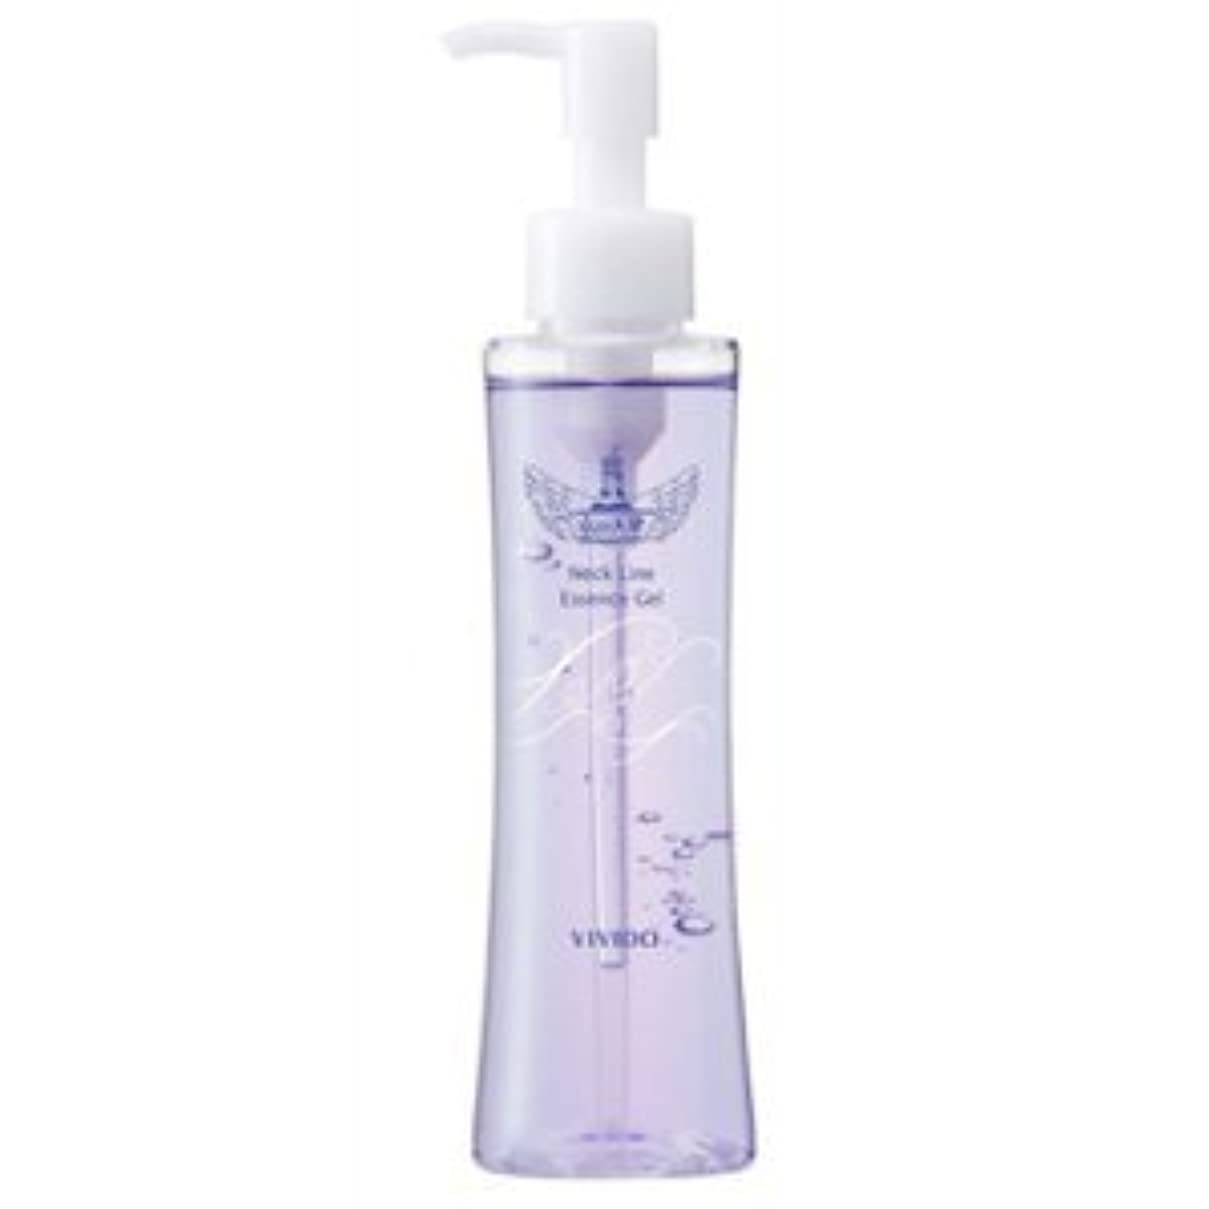 水の天使プレミアムネックライン美容液150g 2個セット